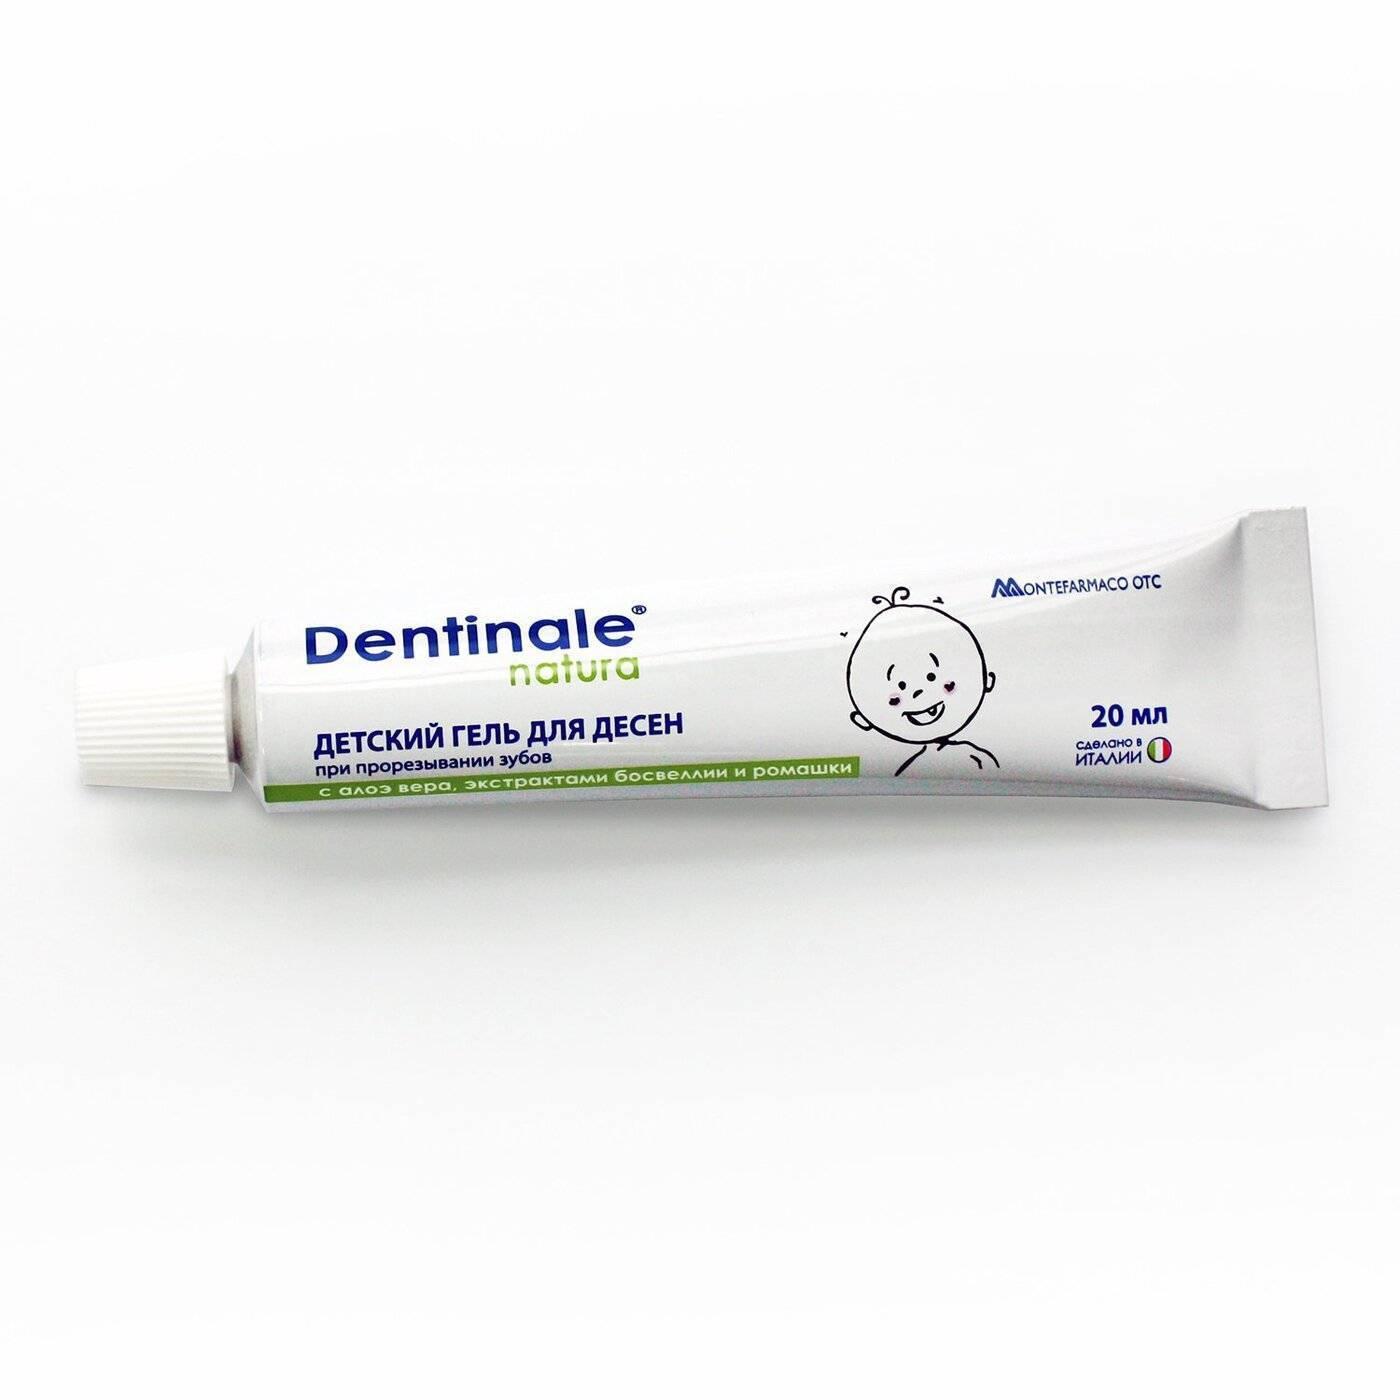 Какой гель для десен лучше всего помогает при прорезывании зубов?